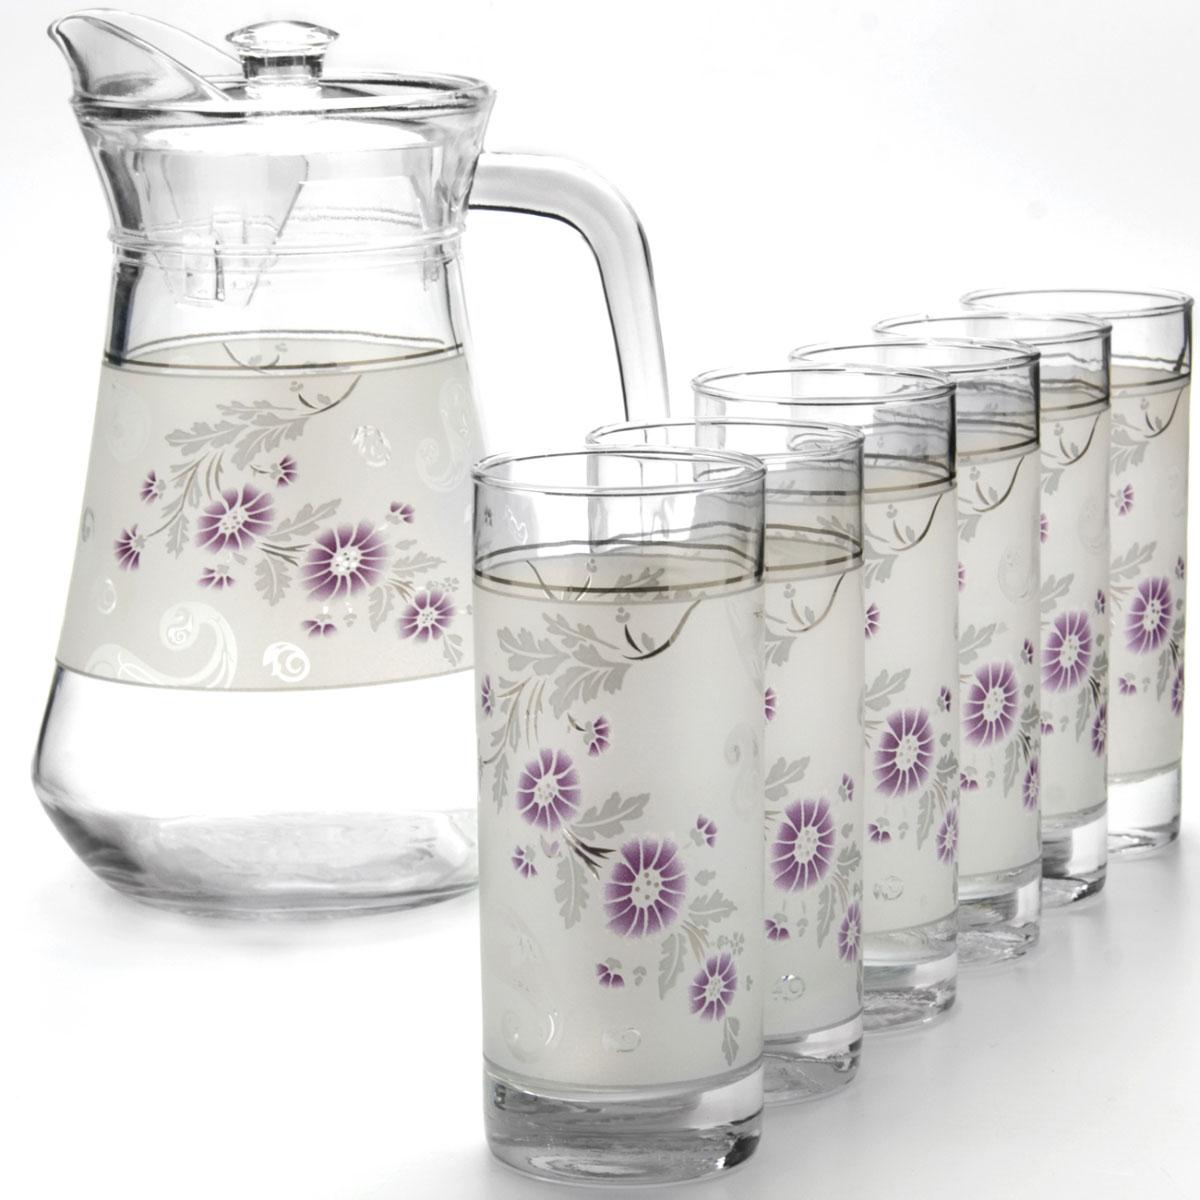 Набор питьевой Loraine, 7 предметов. 24067VT-1520(SR)Набор питьевой Loraine, выполненный из высококачественного стекла, состоит из 6 стаканов и кувшина с пластиковой крышкой. Изделия декорированы цветочным рисунком. Такой набор прекрасно подходит для сока, воды, лимонада и других напитков. Посуда Loraine обладает не только высокими техническими характеристиками, но и красивым эстетичным дизайном.Не рекомендуется мытья в посудомоечной машине. Объем кувшина: 1,3 л. Диаметр кувшина по верхнему краю: 10 см. Высота кувшина (с учетом крышки): 21,5 см. Объем стакана: 285 мл. Диаметр стакана (по верхнему краю): 6 см. Высота стакана: 13,5 см.